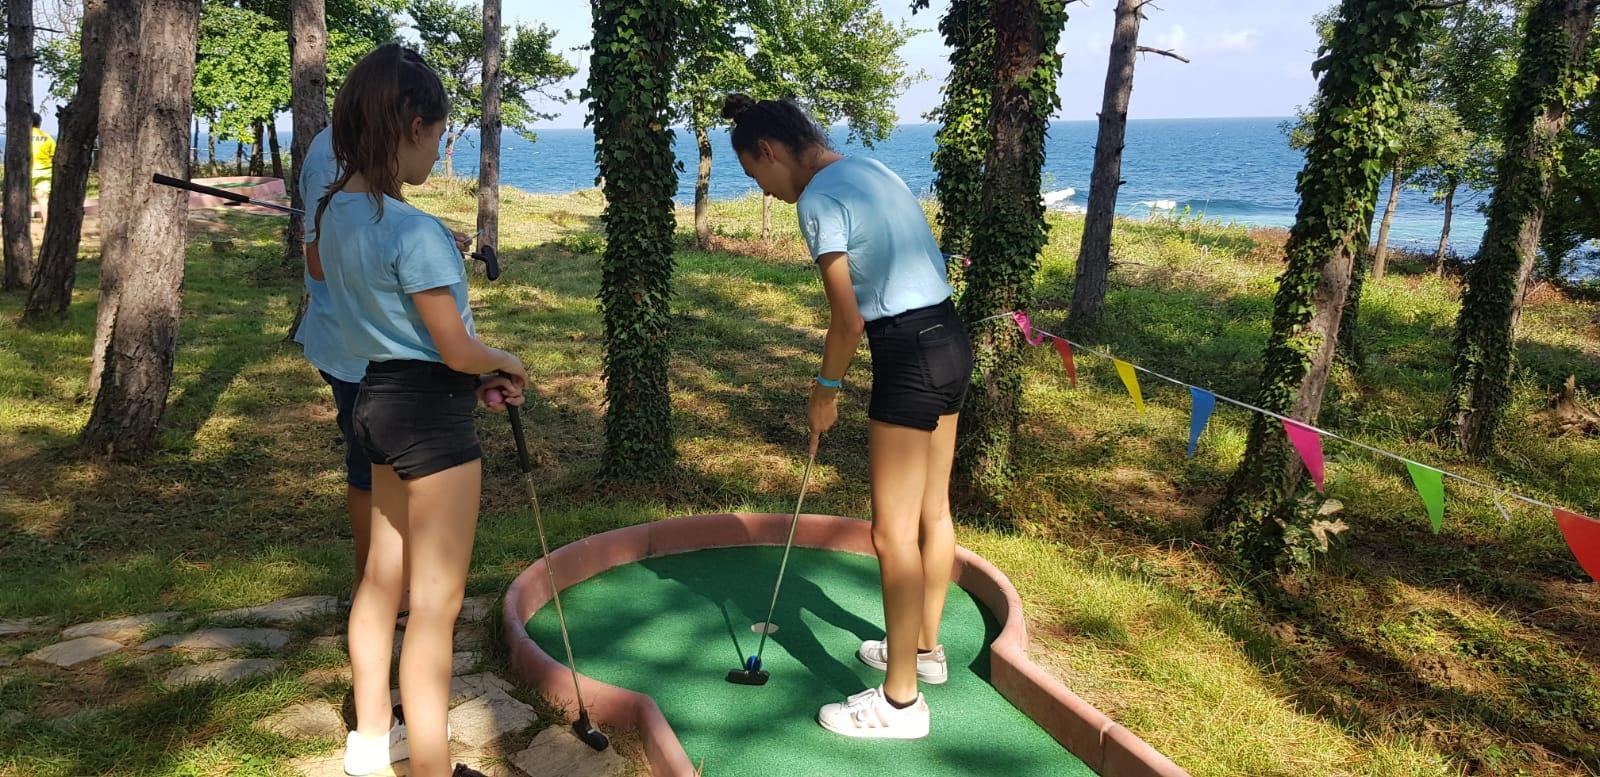 Z кемп, ден 19 - мини голф в Царево - 3 деца с фланелки на Z camp са при игрището срещу морето